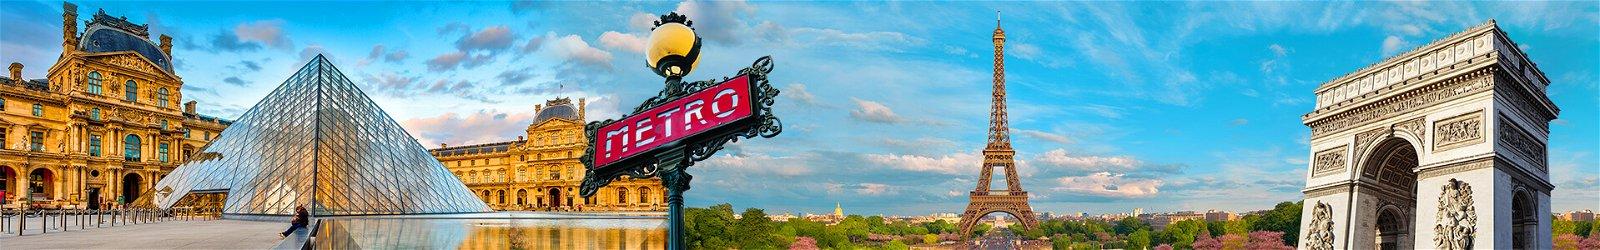 Viajes y paquetes a Paris con salidas en Septiembre desde México 2021